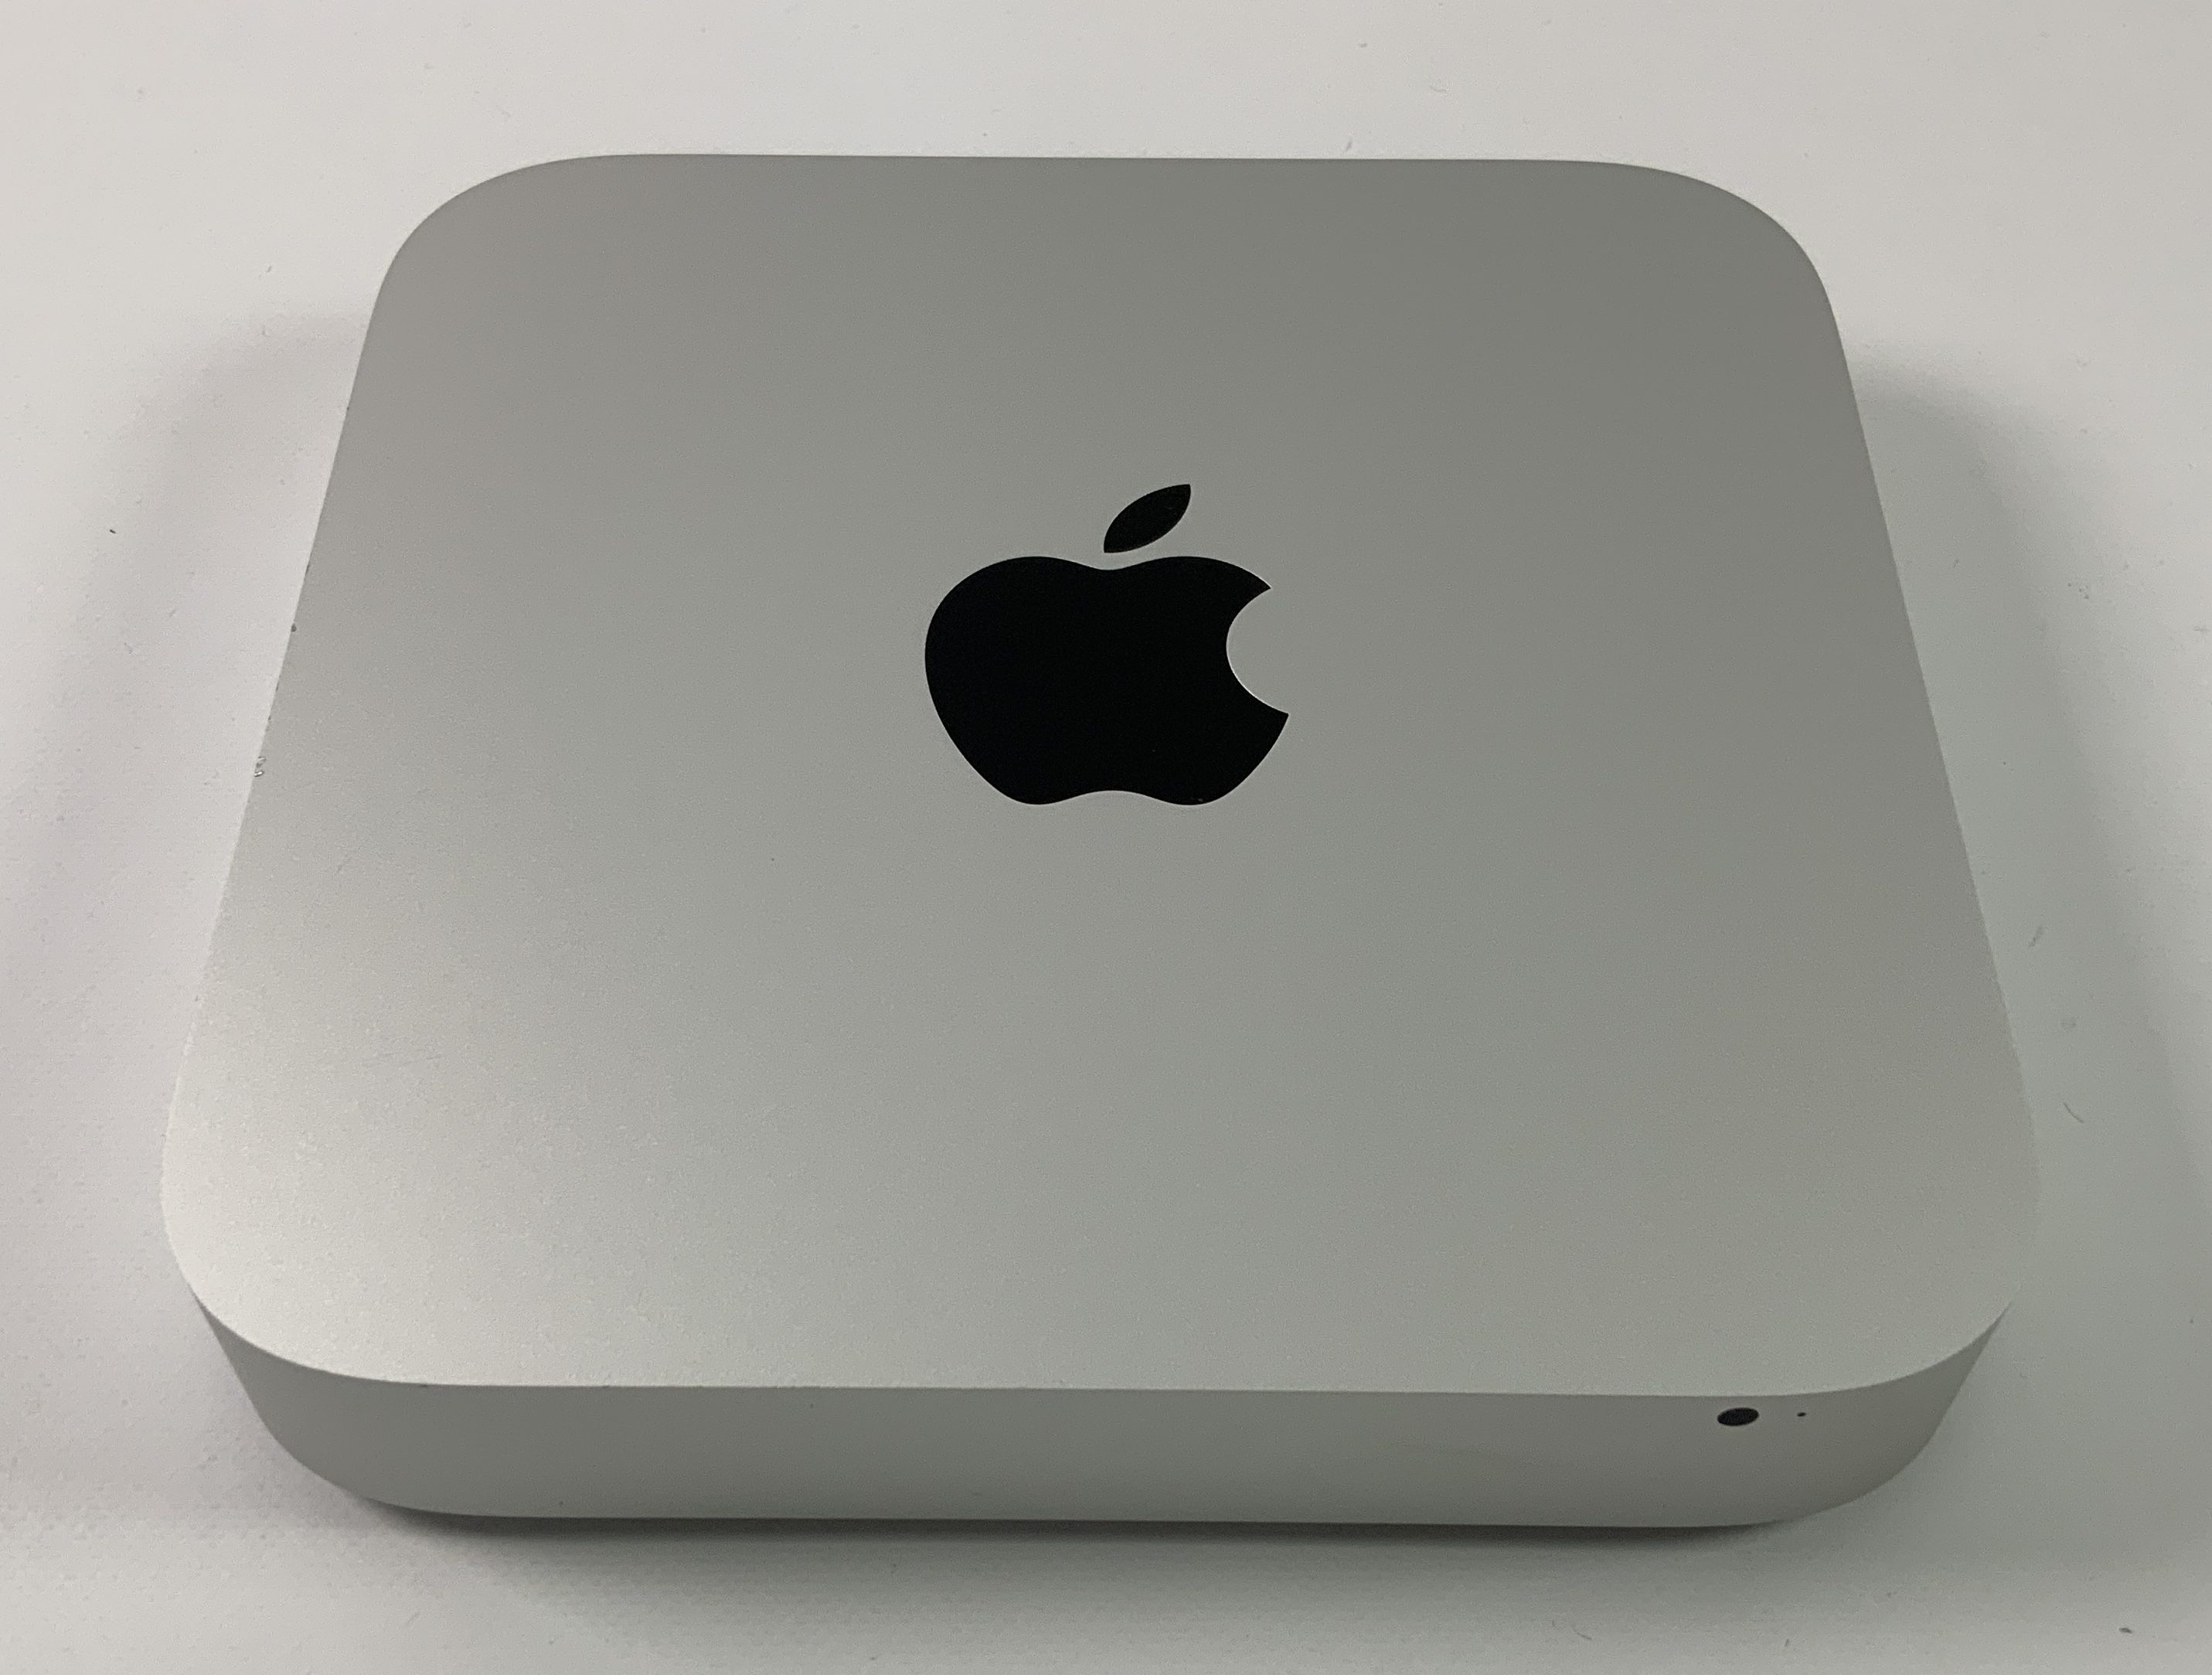 Mac Mini Late 2014 (Intel Core i7 3.0 GHz 16 GB RAM 256 GB SSD), Intel Core i7 3.0 GHz, 16 GB RAM, 256 GB SSD, immagine 1